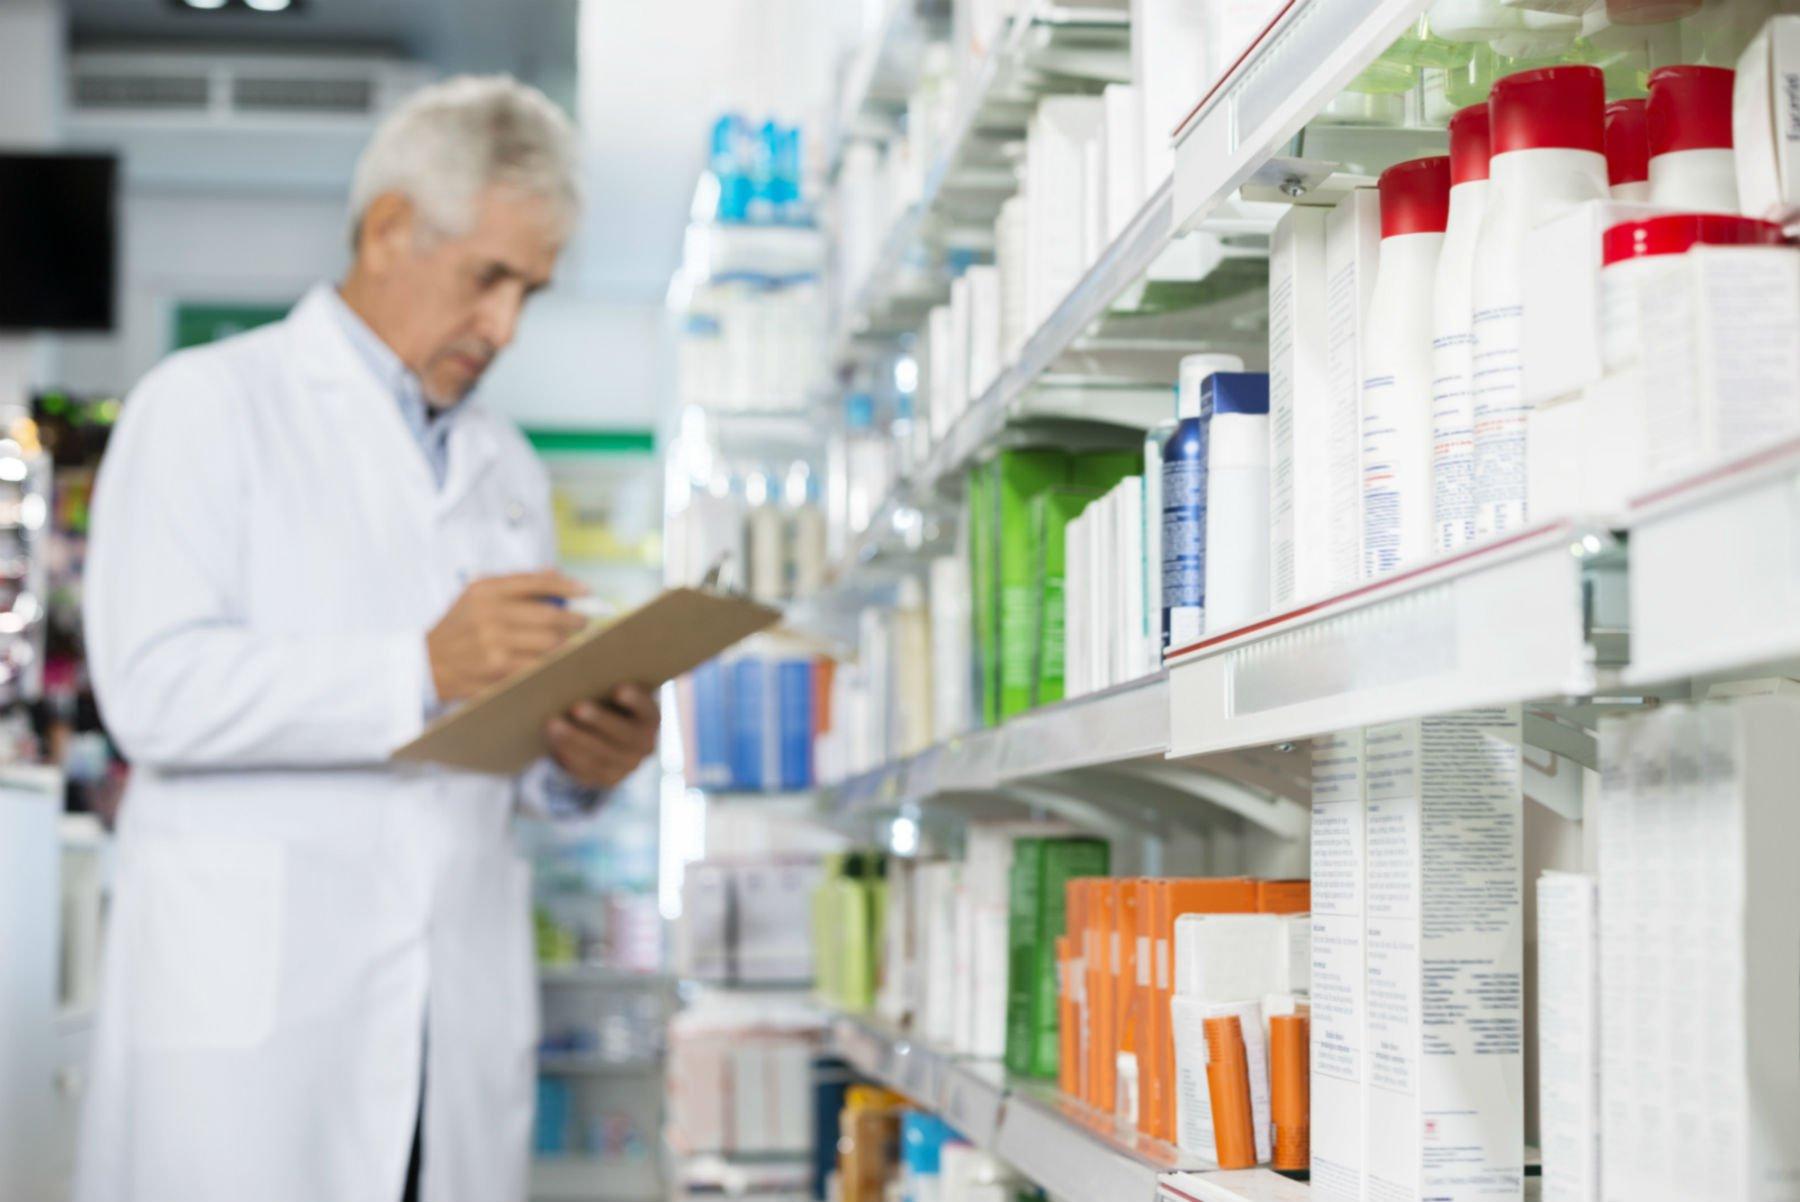 farmacista che controlla uno scaffale di medicinali